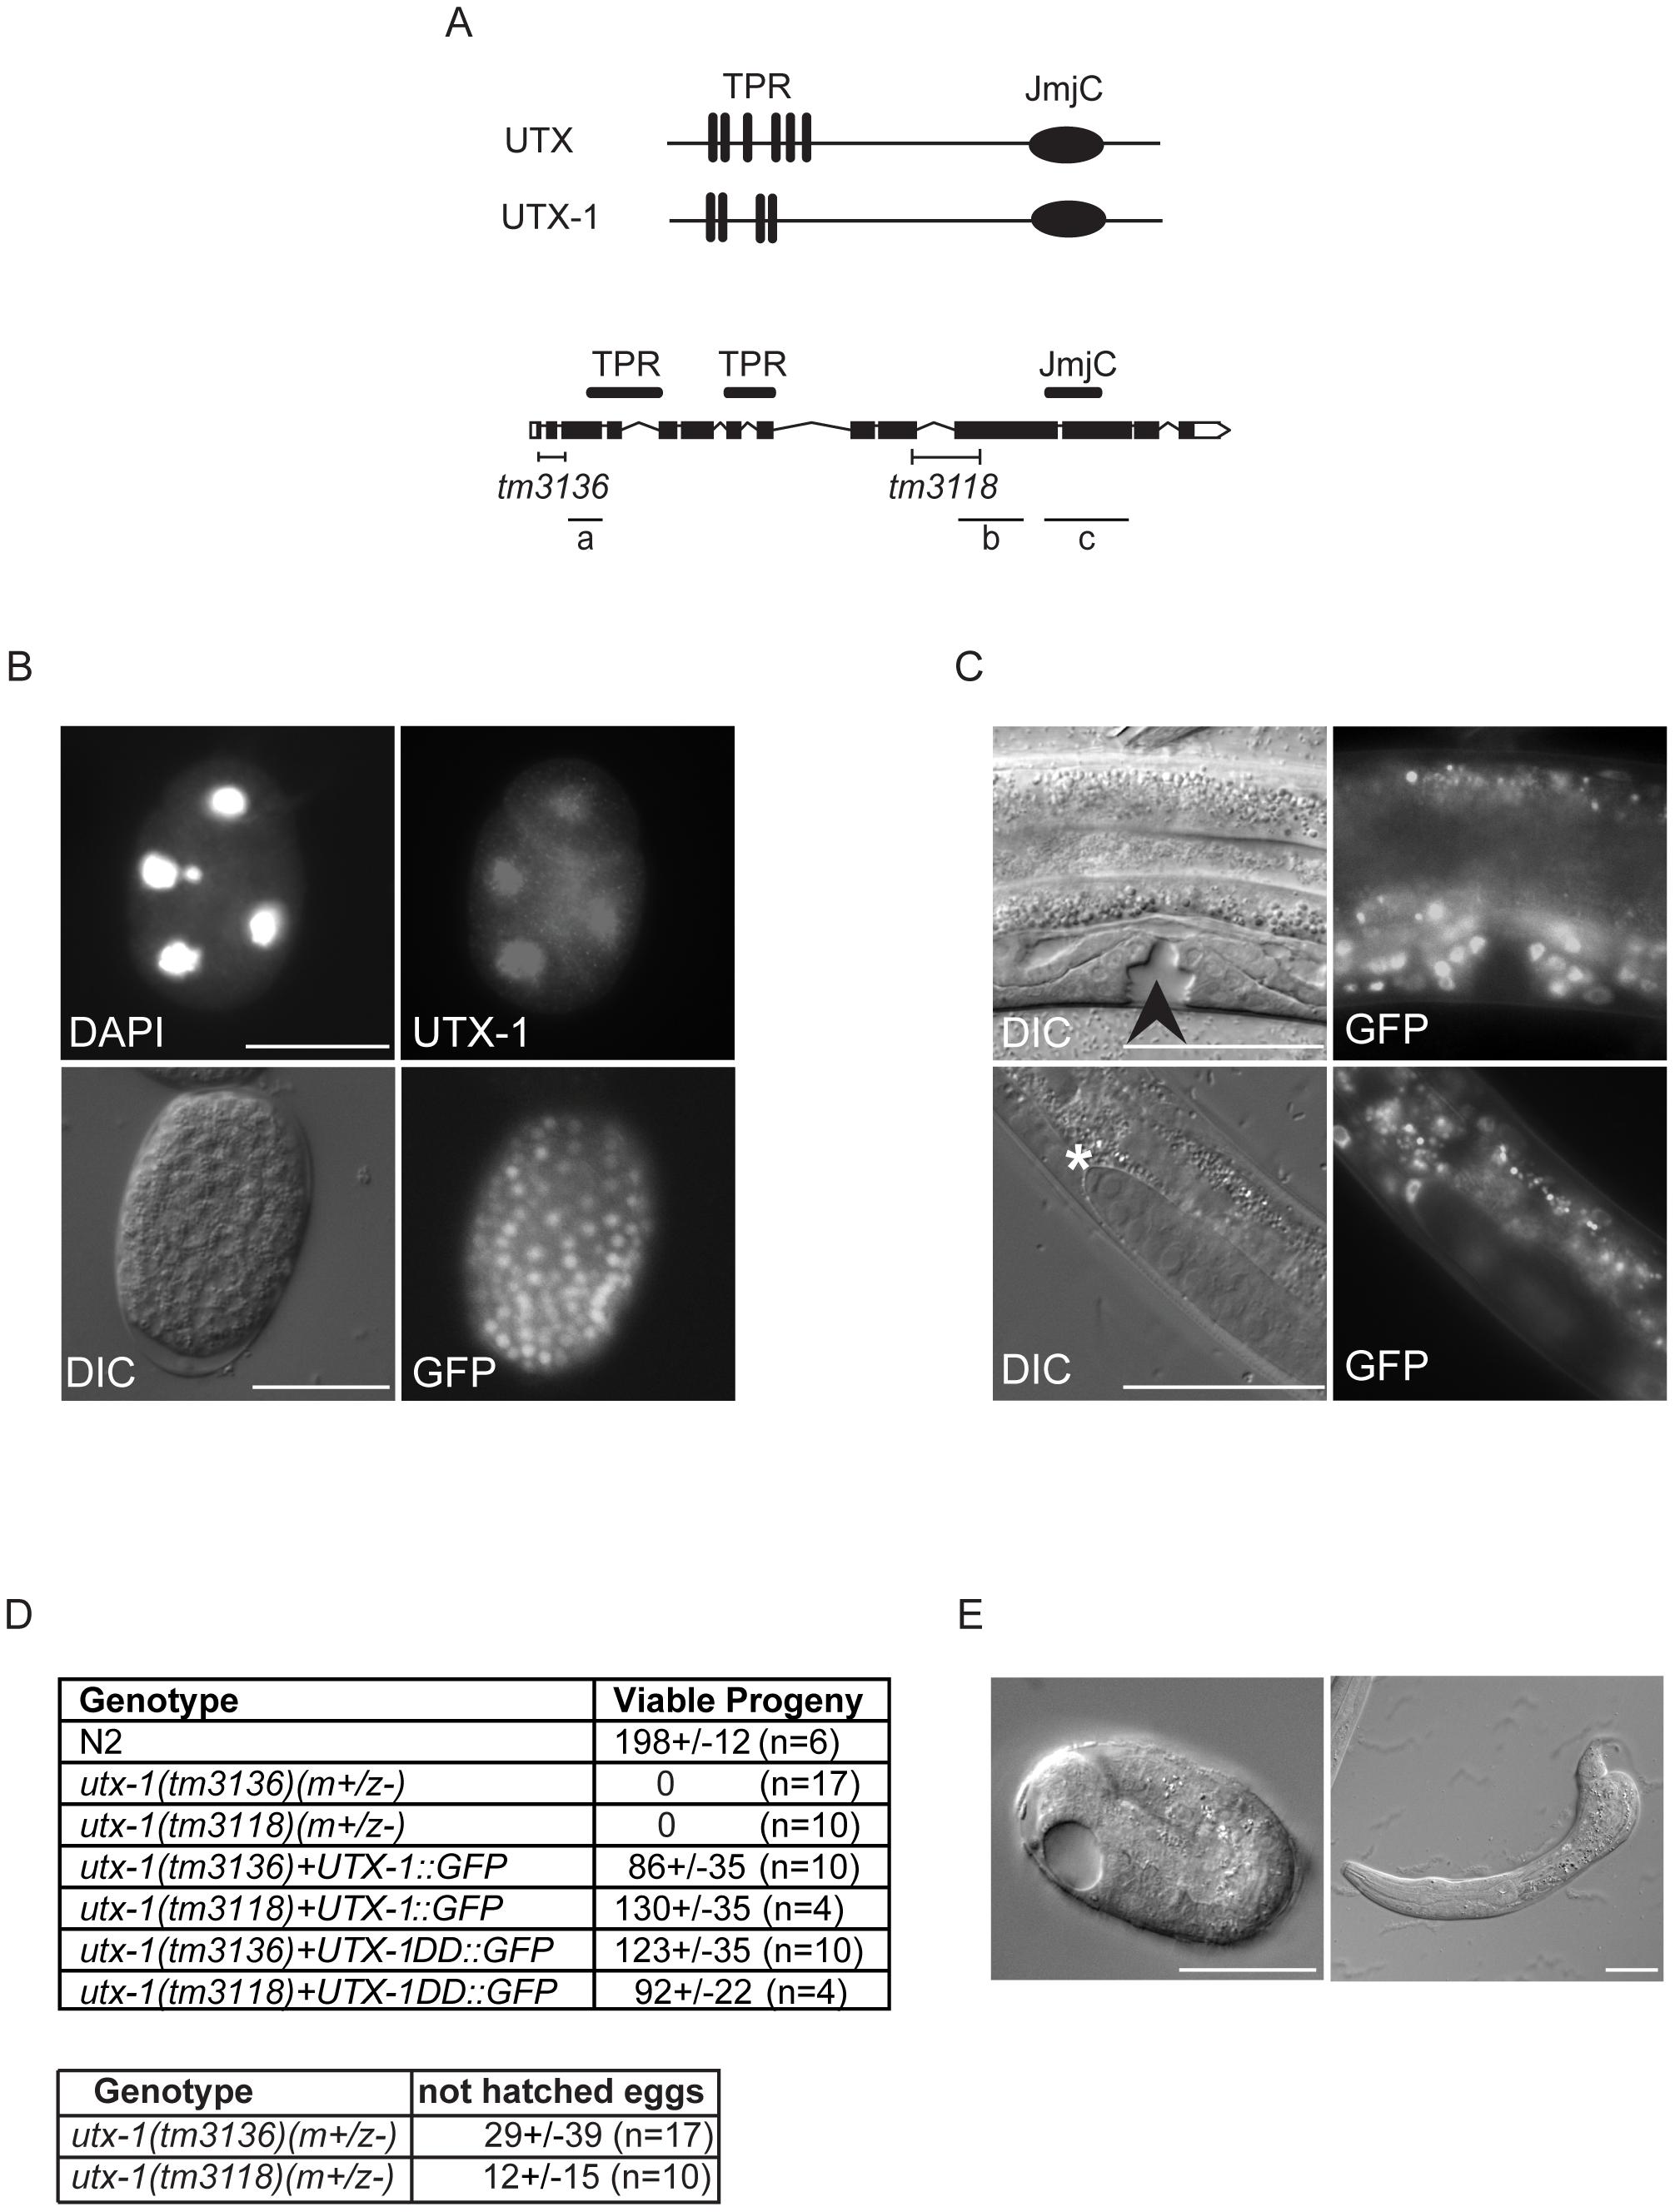 UTX-1 expression and <i>utx-1</i> embryonic phenotypes.